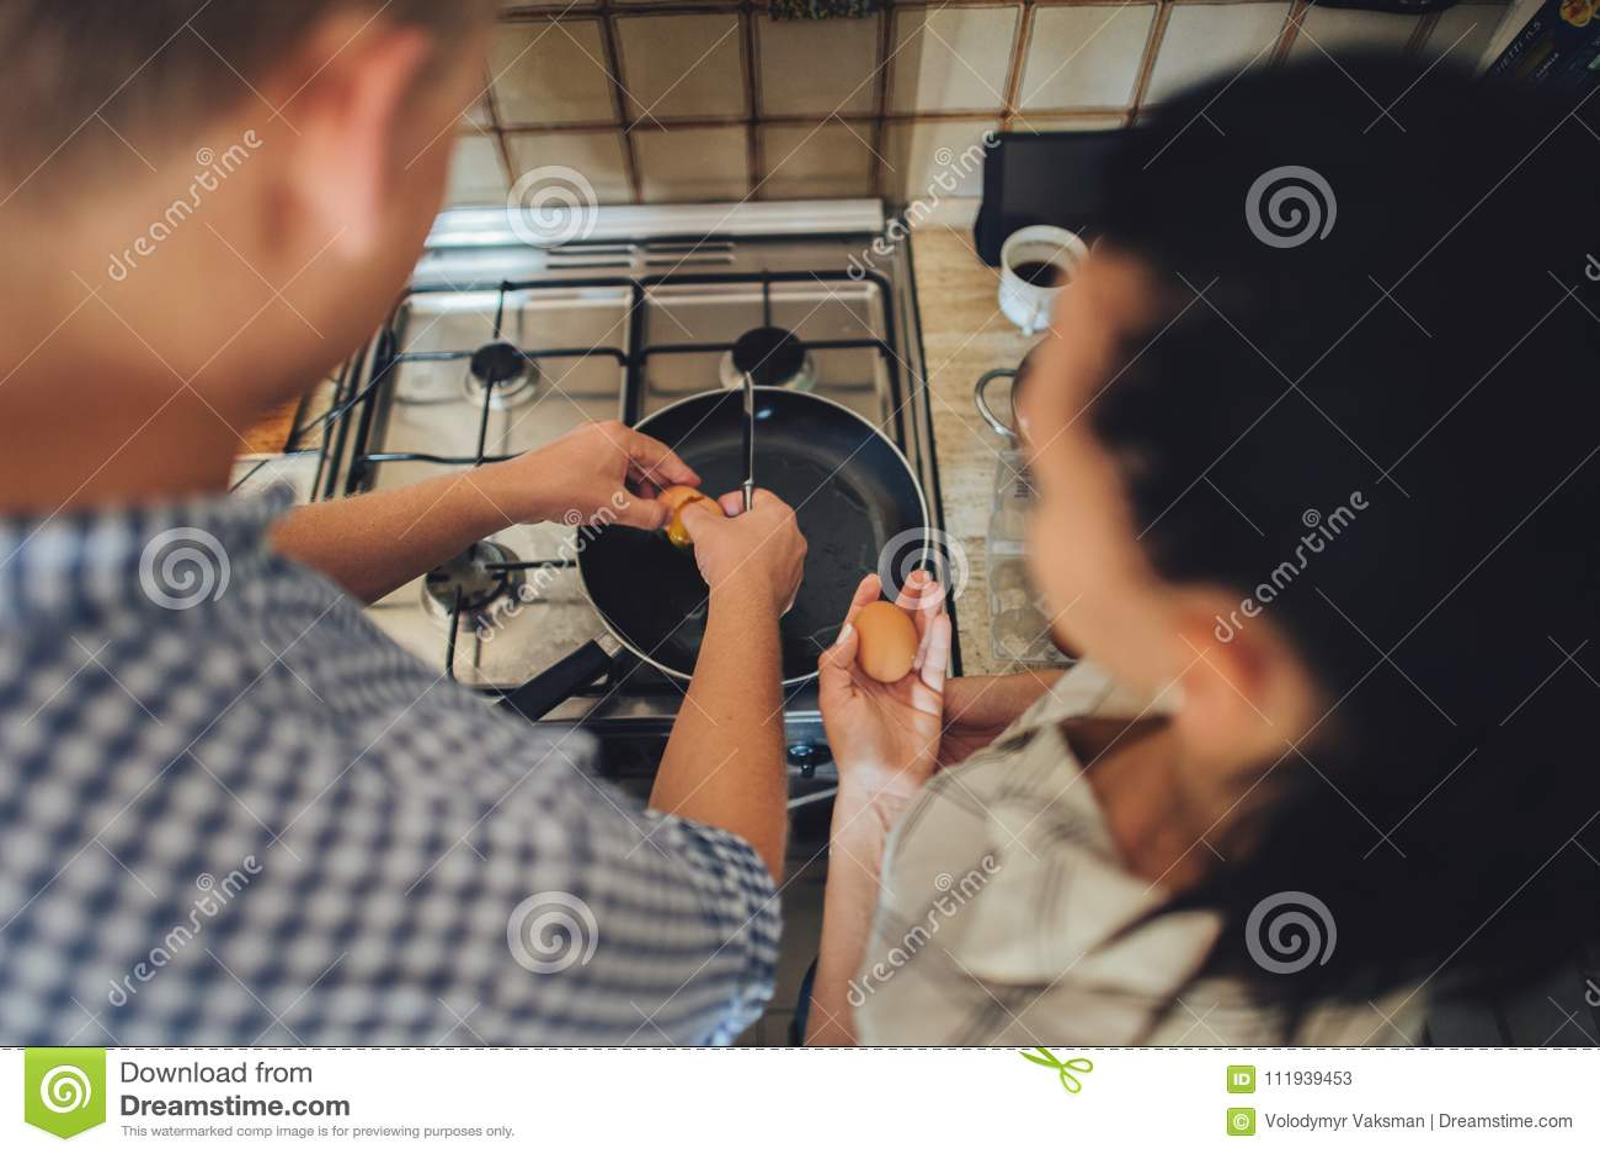 Romantisch paar in liefde het besteden tijd samen in keuken